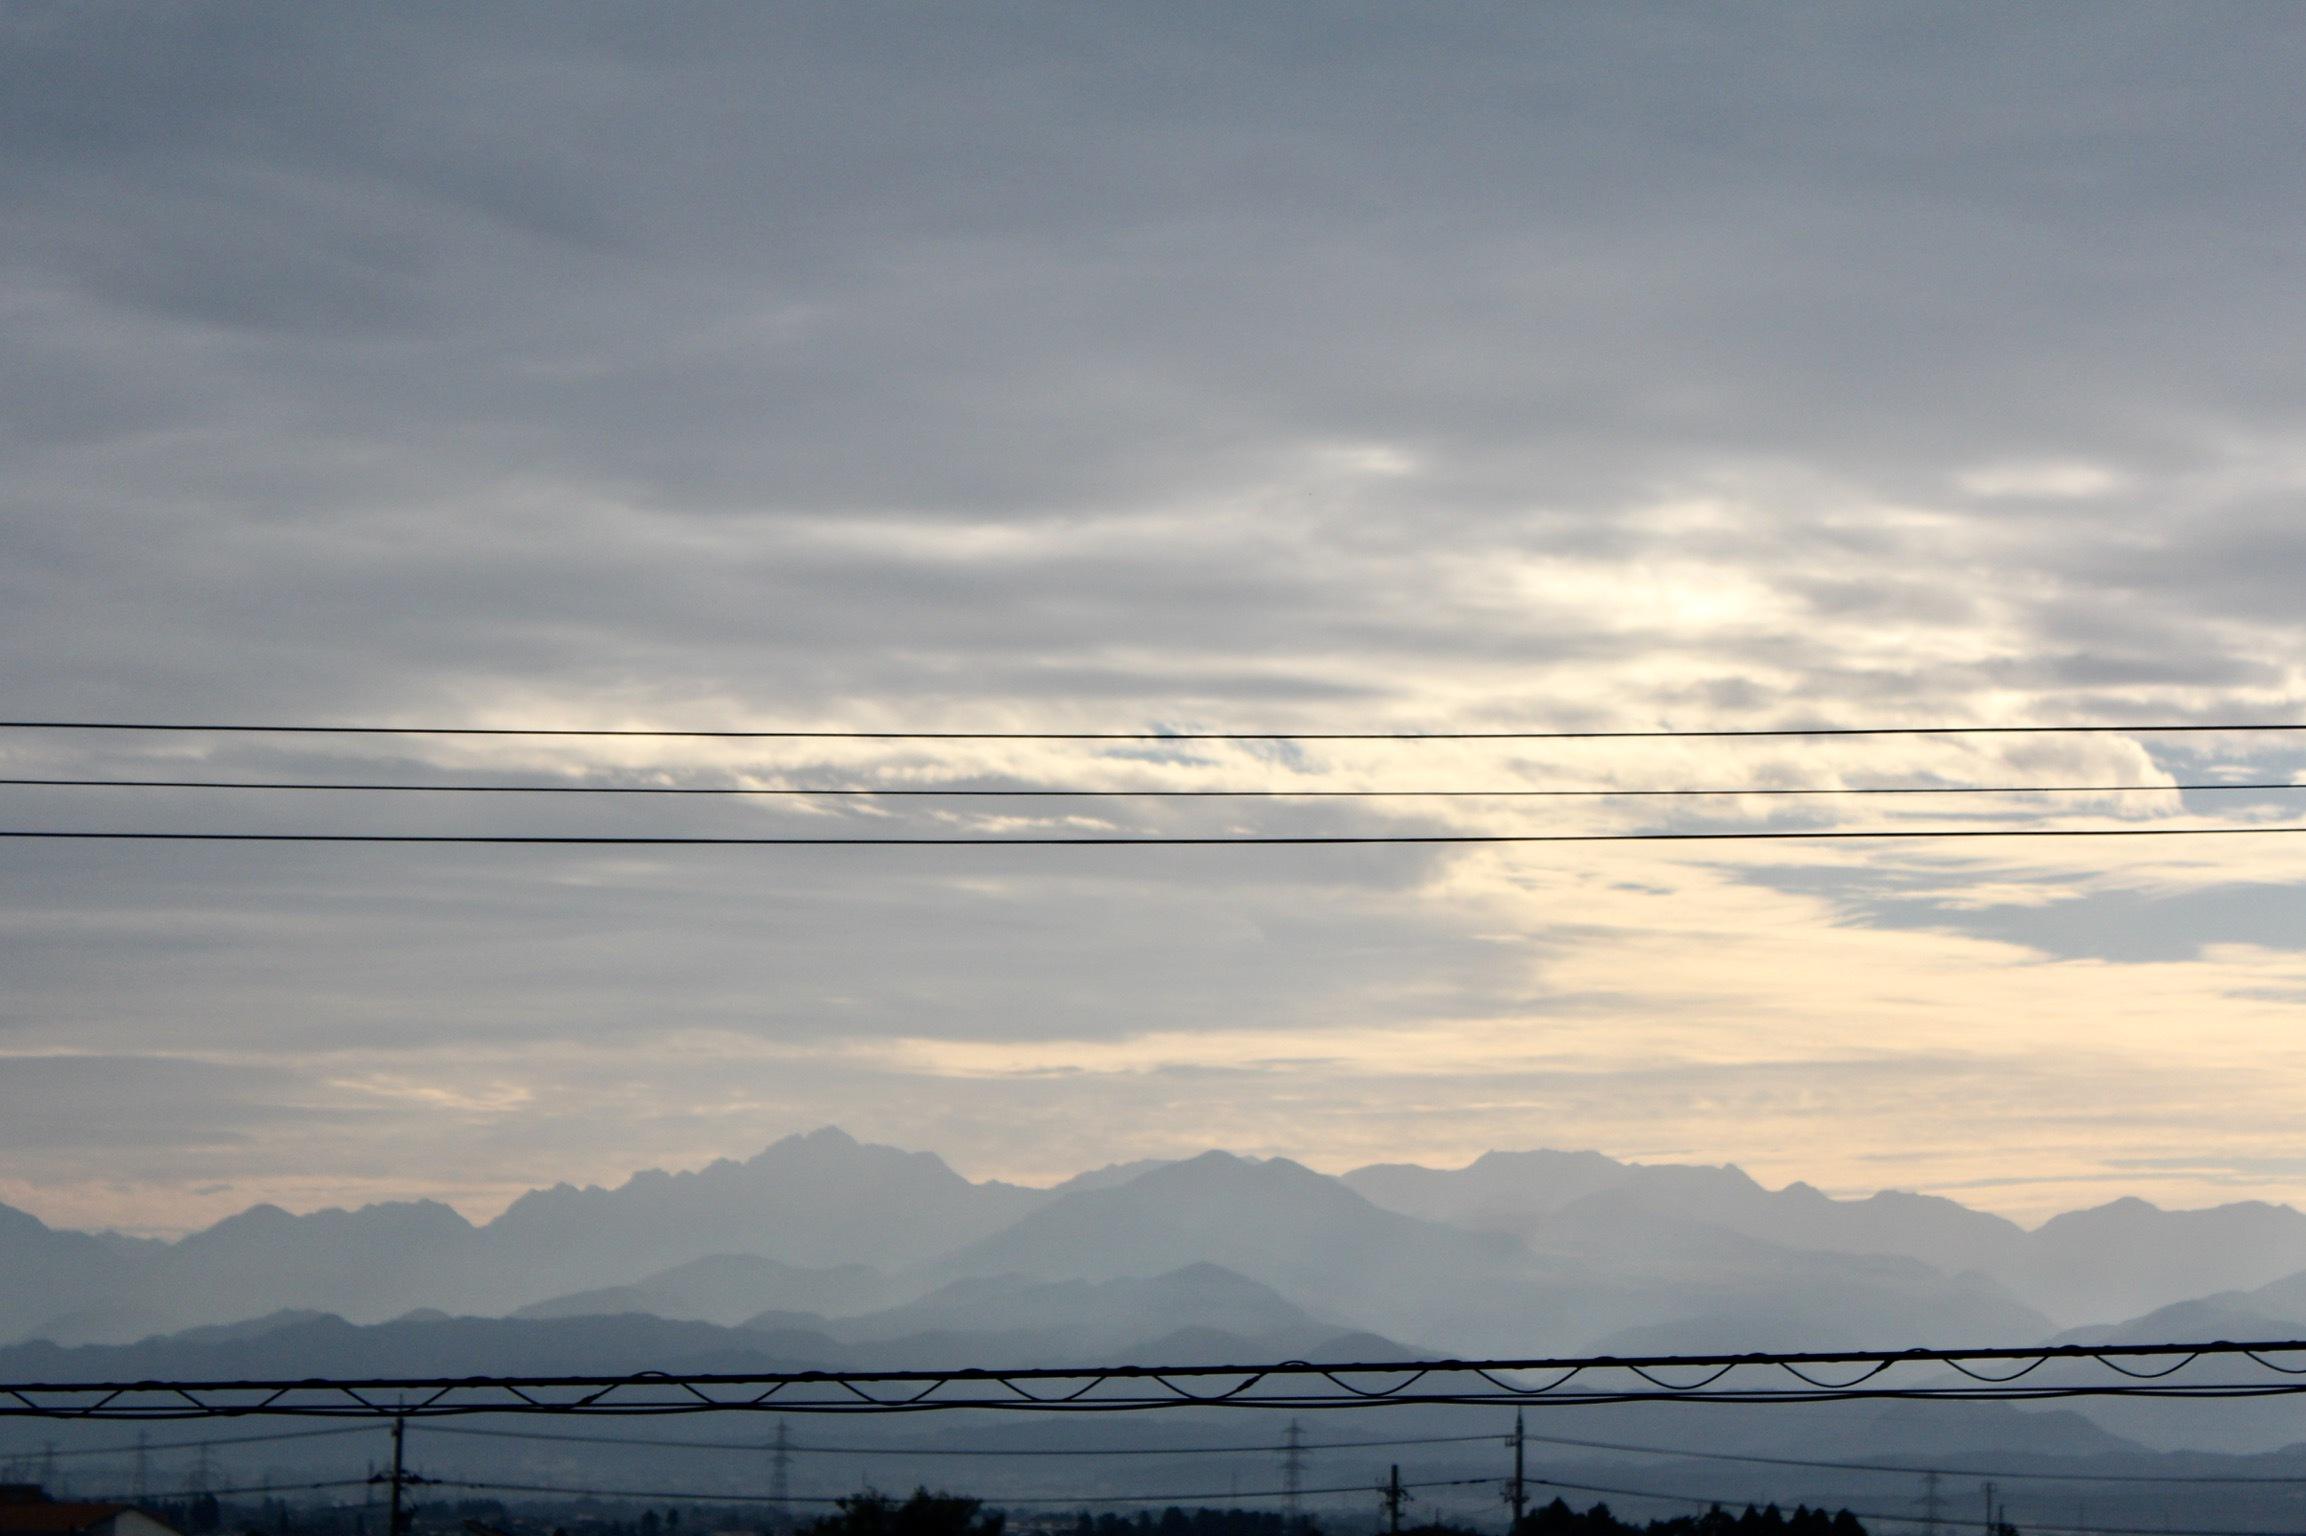 立山連峰を眺めながら朝ごはん_b0132338_08001556.jpeg